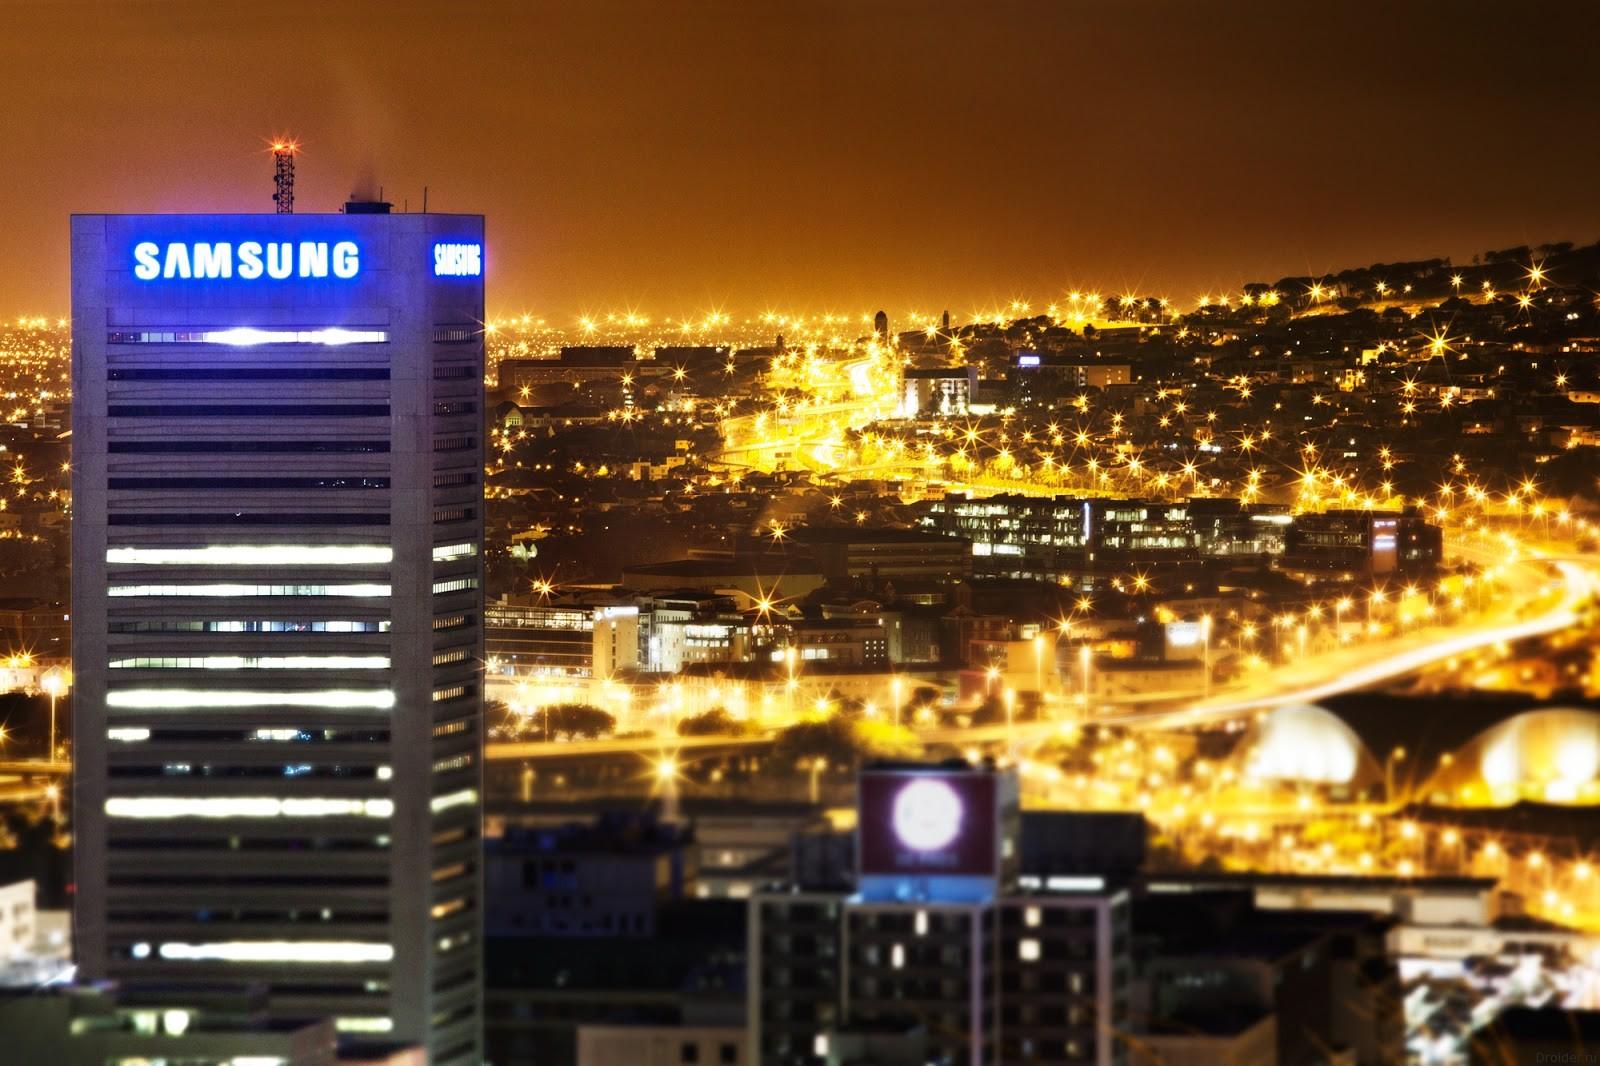 Samsung случайно раздала сотрудникам акции на 105 миллиардов долларов